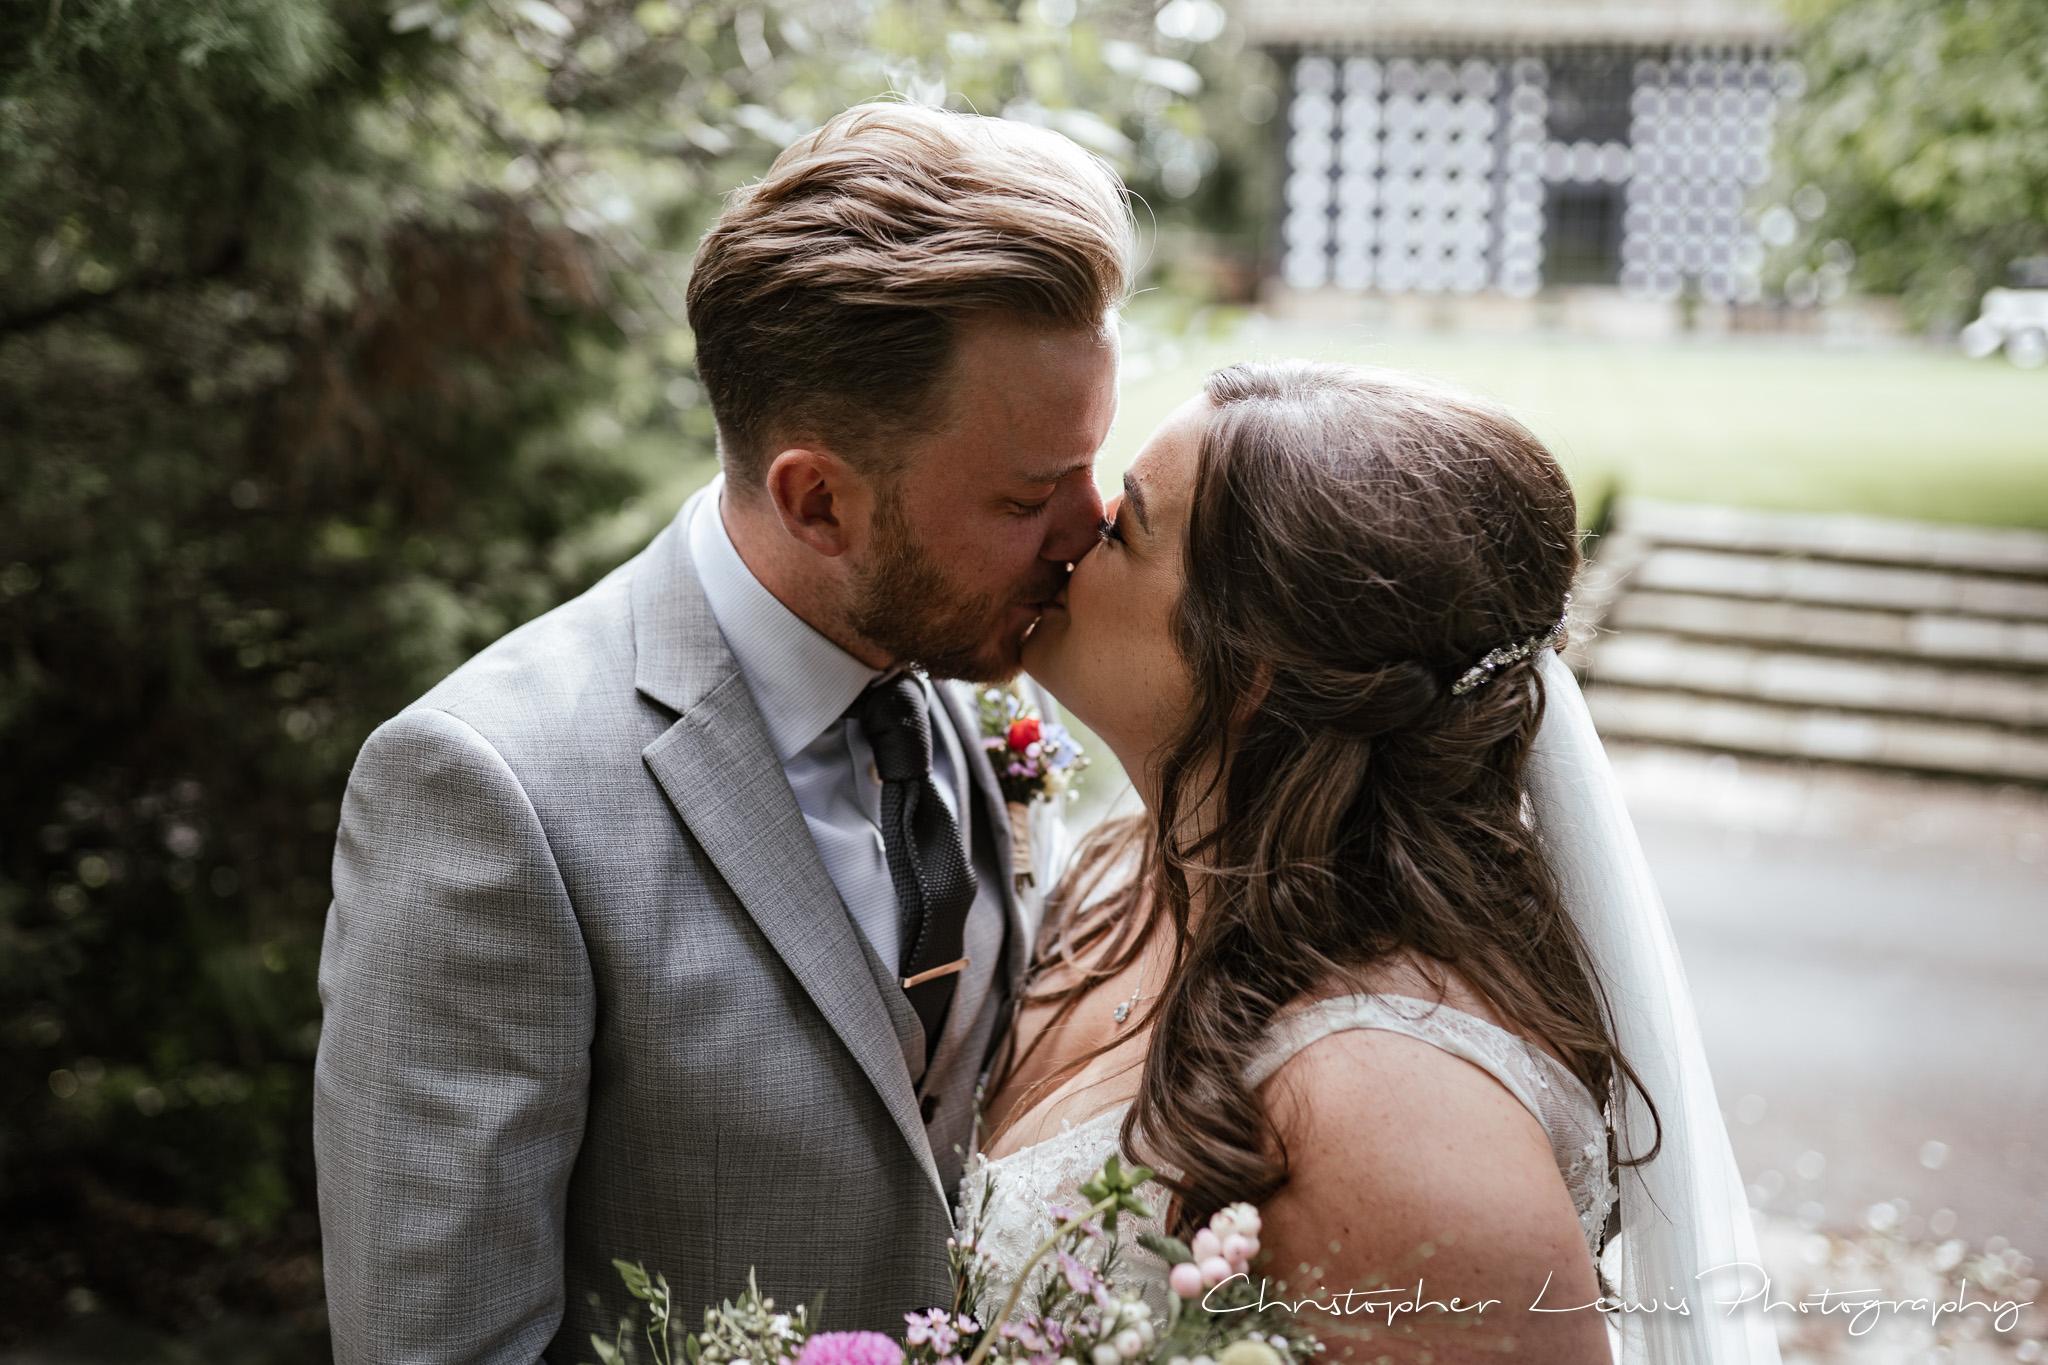 Samlesbury Hall Wedding kiss